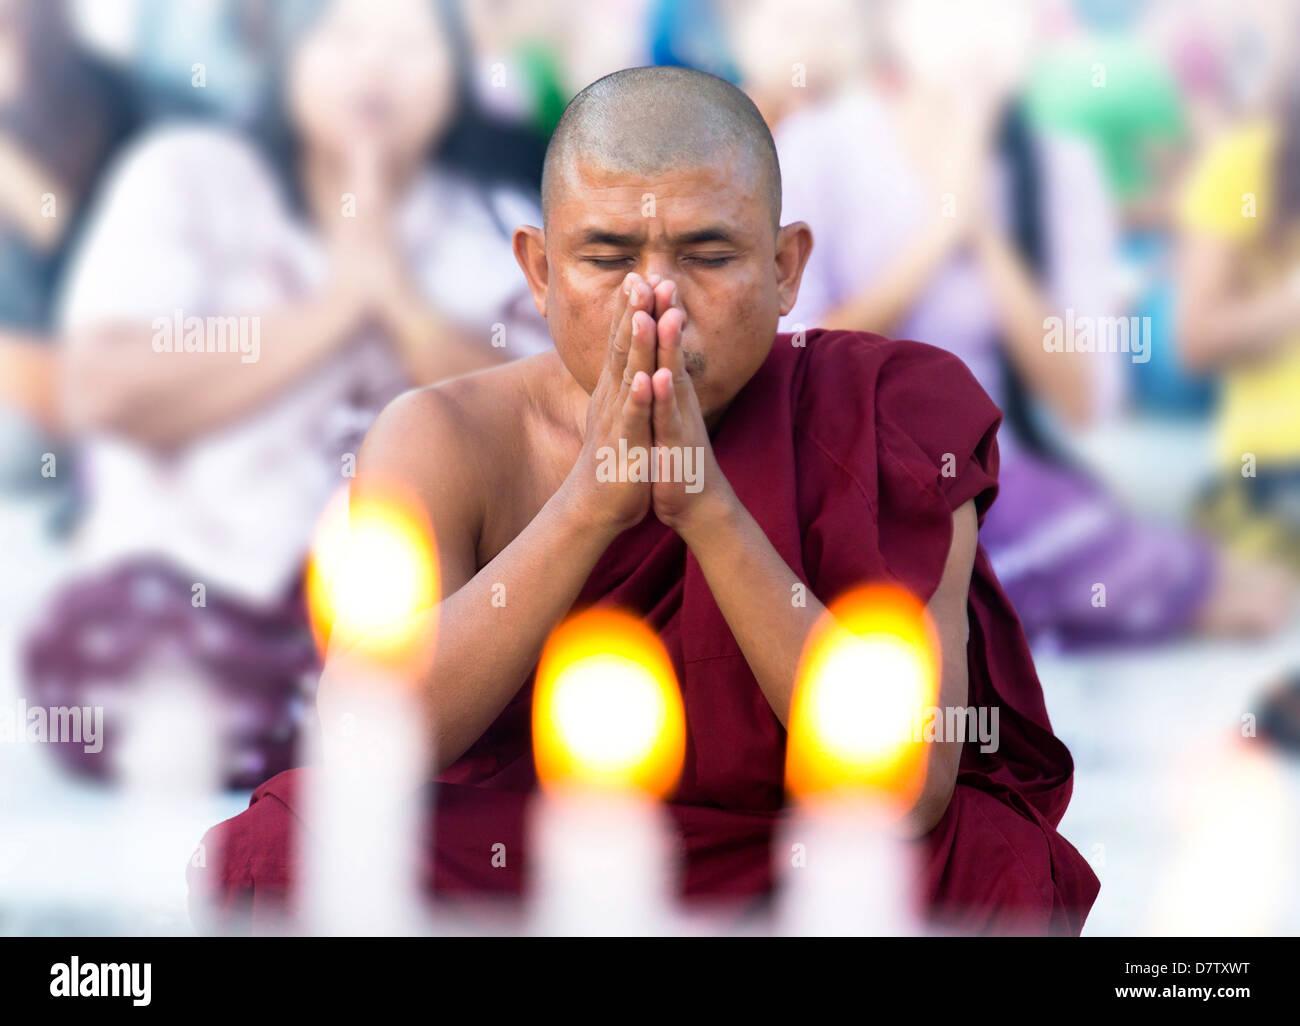 Buddhist monk praying at Shwedagon Paya (Shwedagon Pagoda), Yangon (Rangoon), Burma - Stock Image